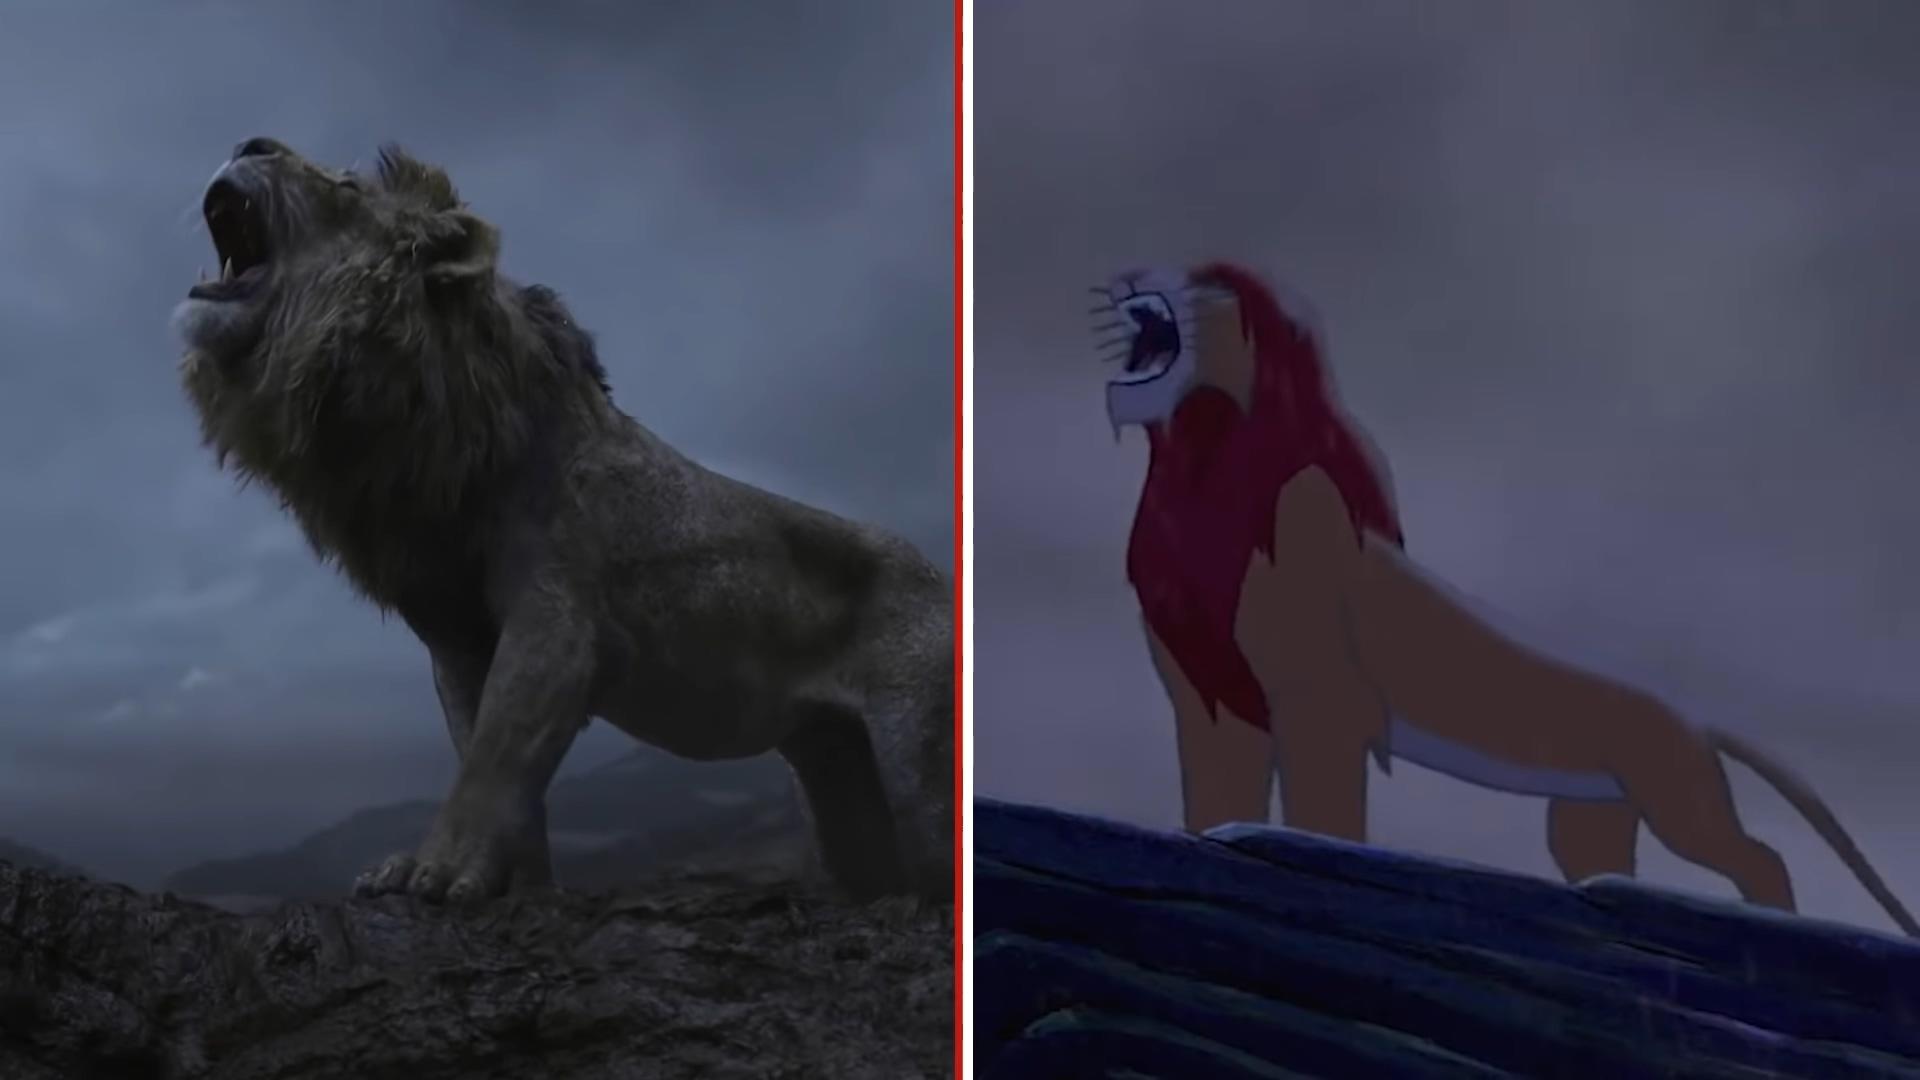 全球资讯_《狮子王》真人电影版中文版预告 2019和1994版对比_3DM单机